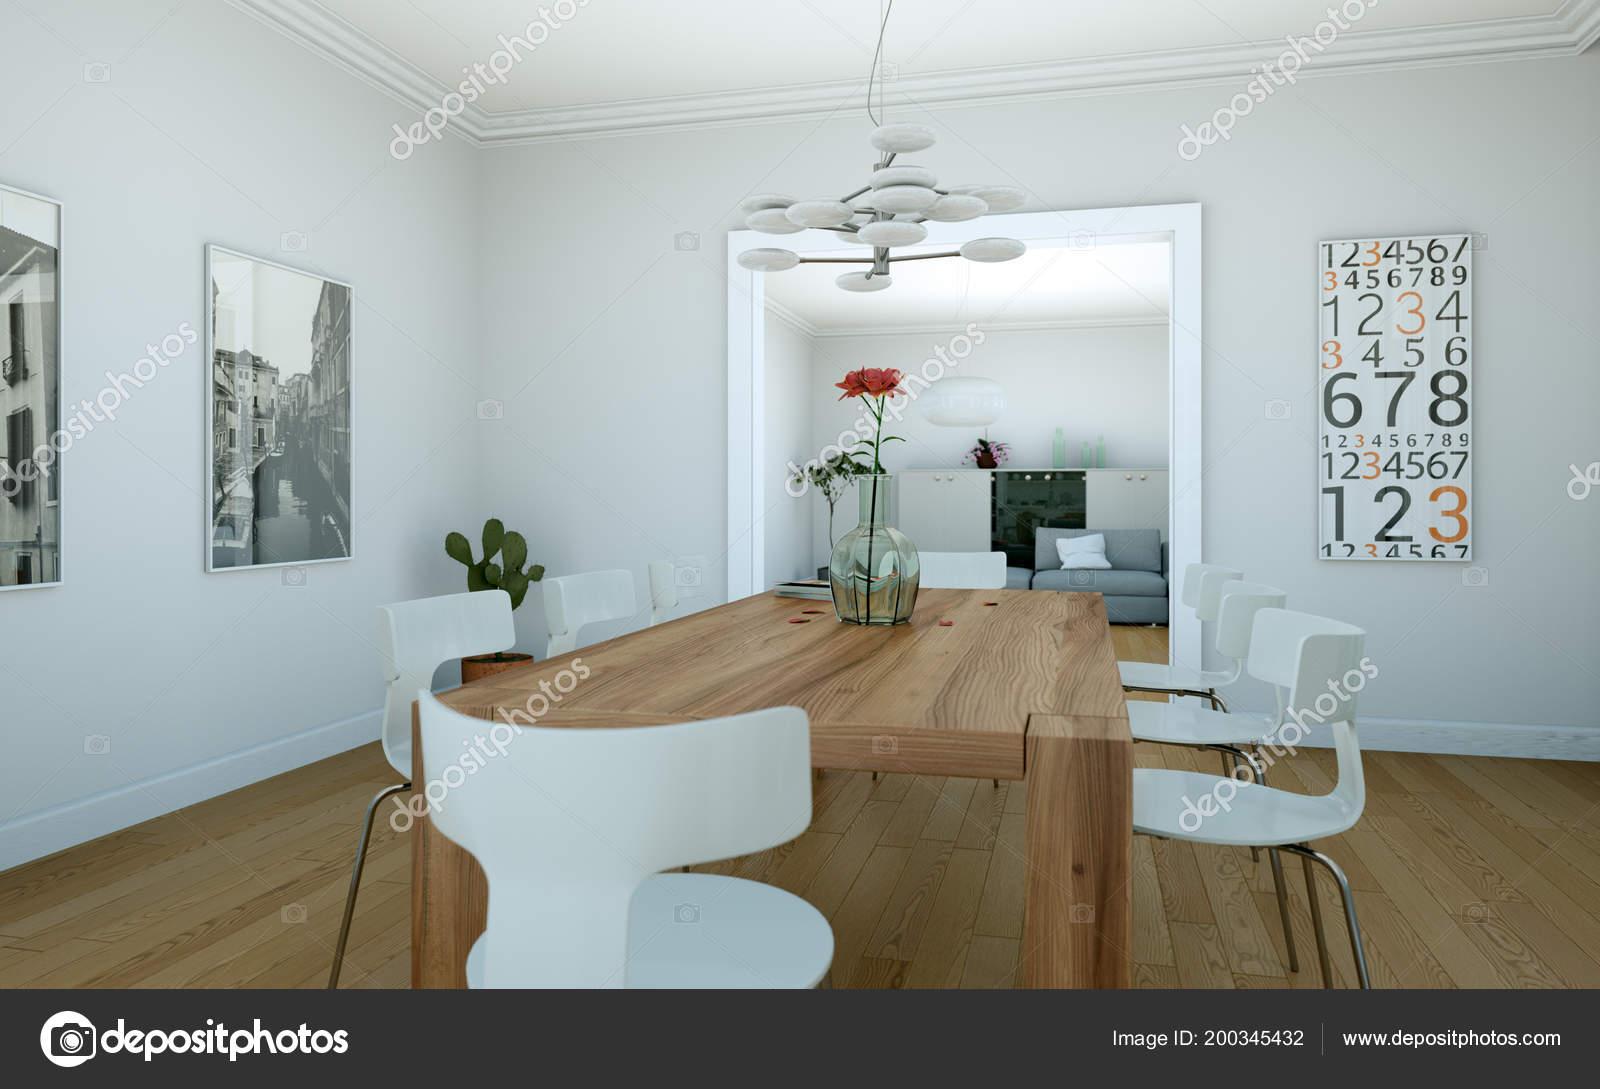 Arredare Sala Da Pranzo Moderna : Arredamento sala da pranzo in appartamento moderno u2014 foto stock